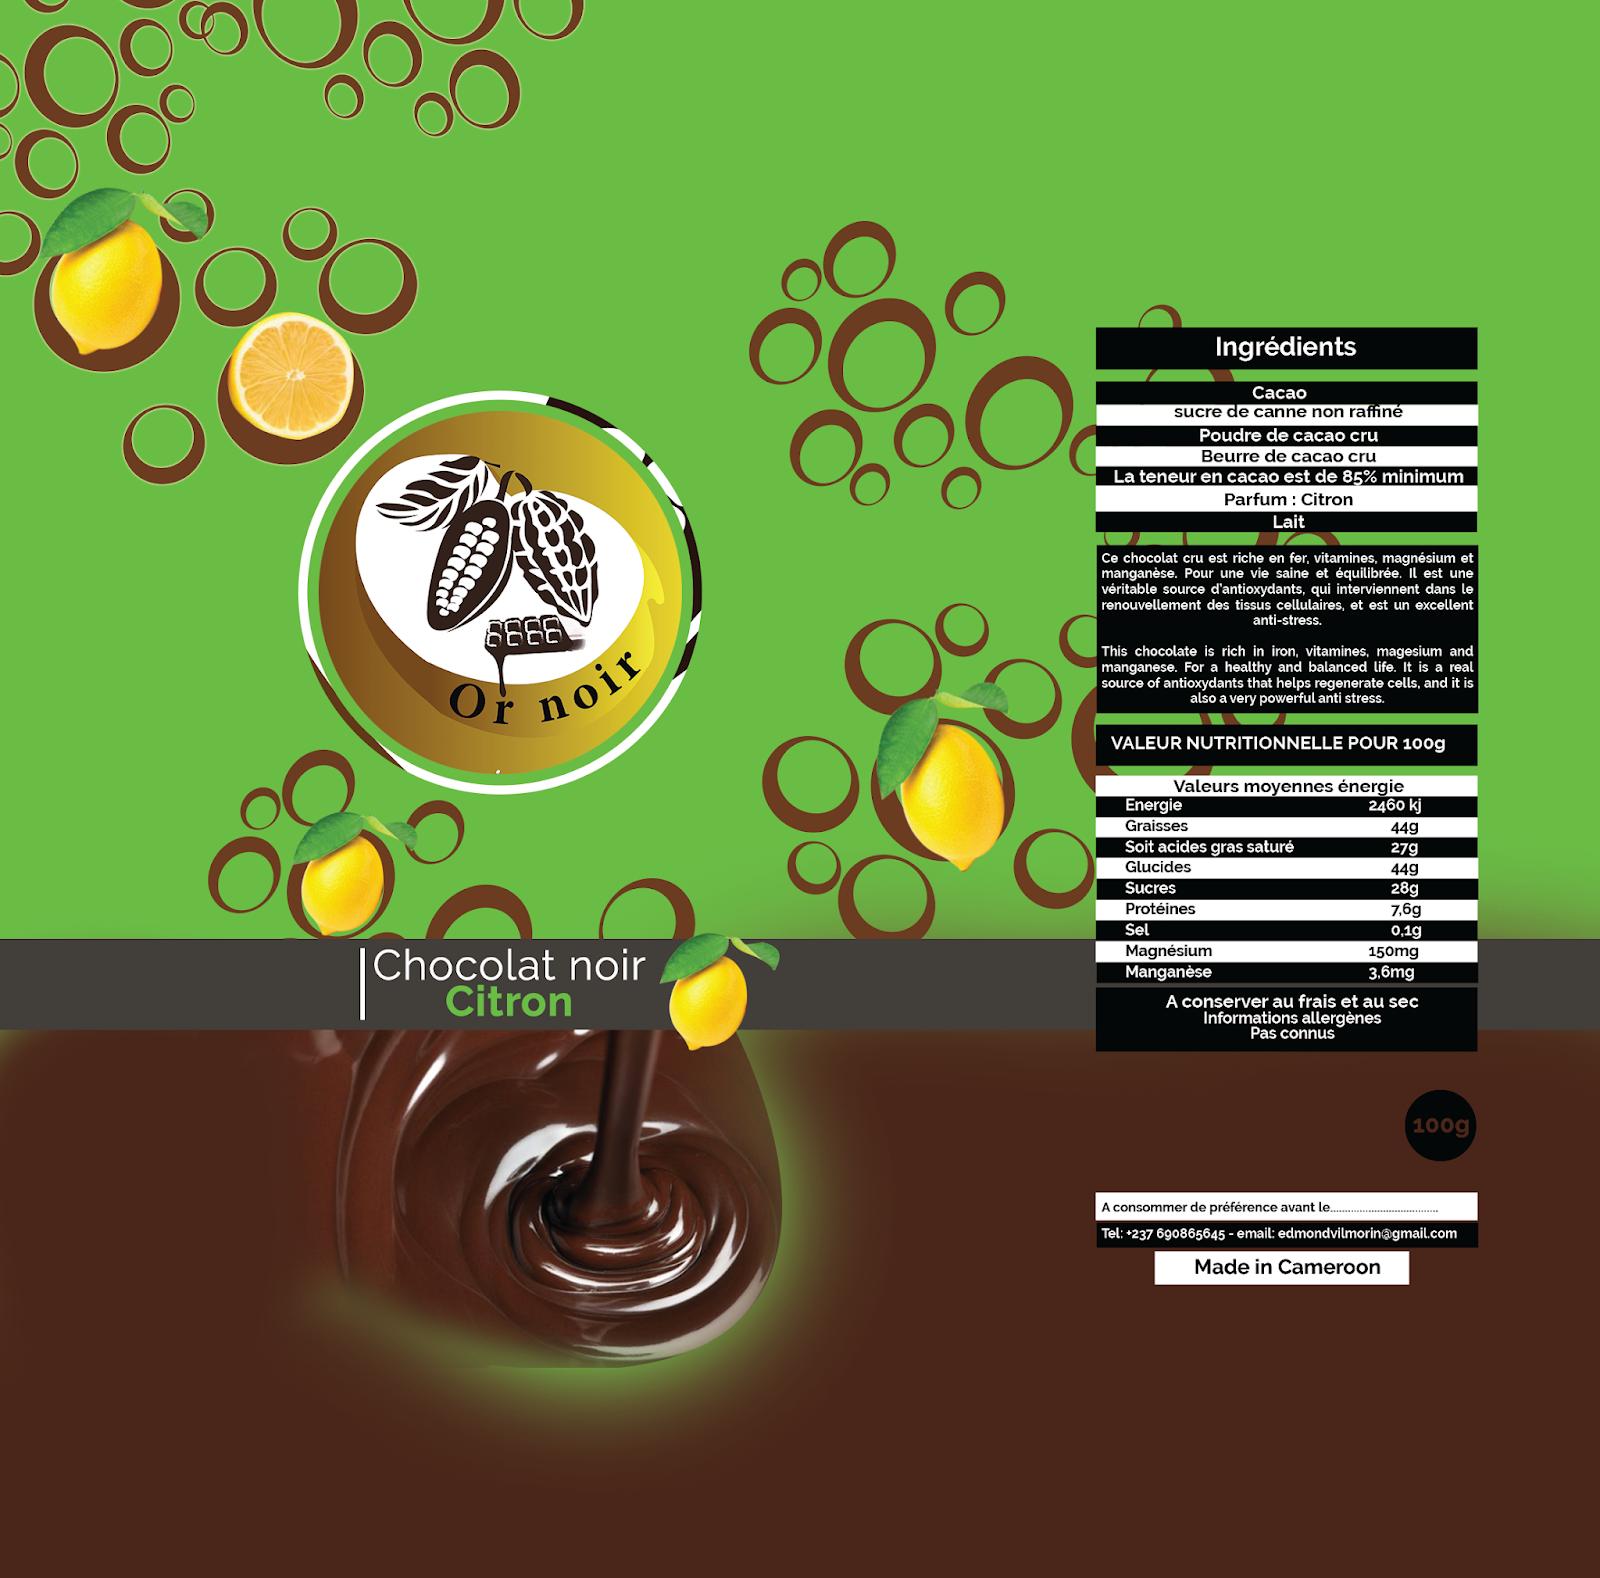 Chocolat noir Citron - Or noir